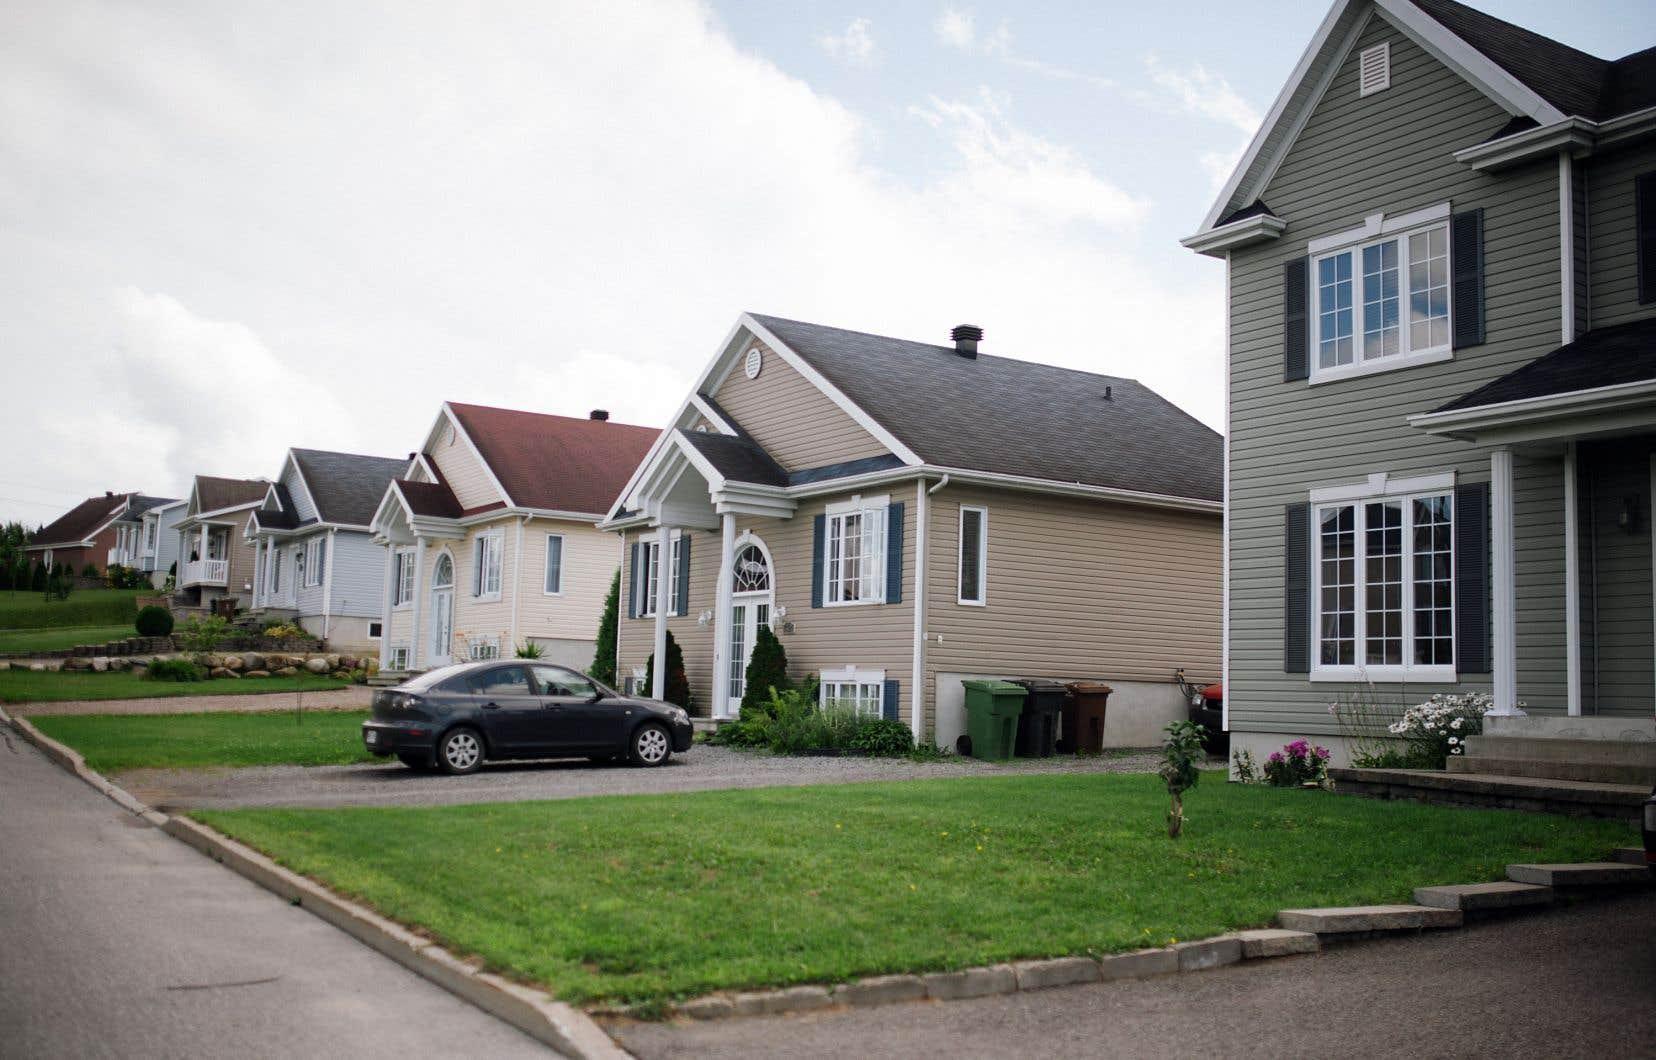 Le marché immobilier a ralenti dans un contexte de resserrement des règles de financement hypothécaire et de hausse des taux d'intérêt.